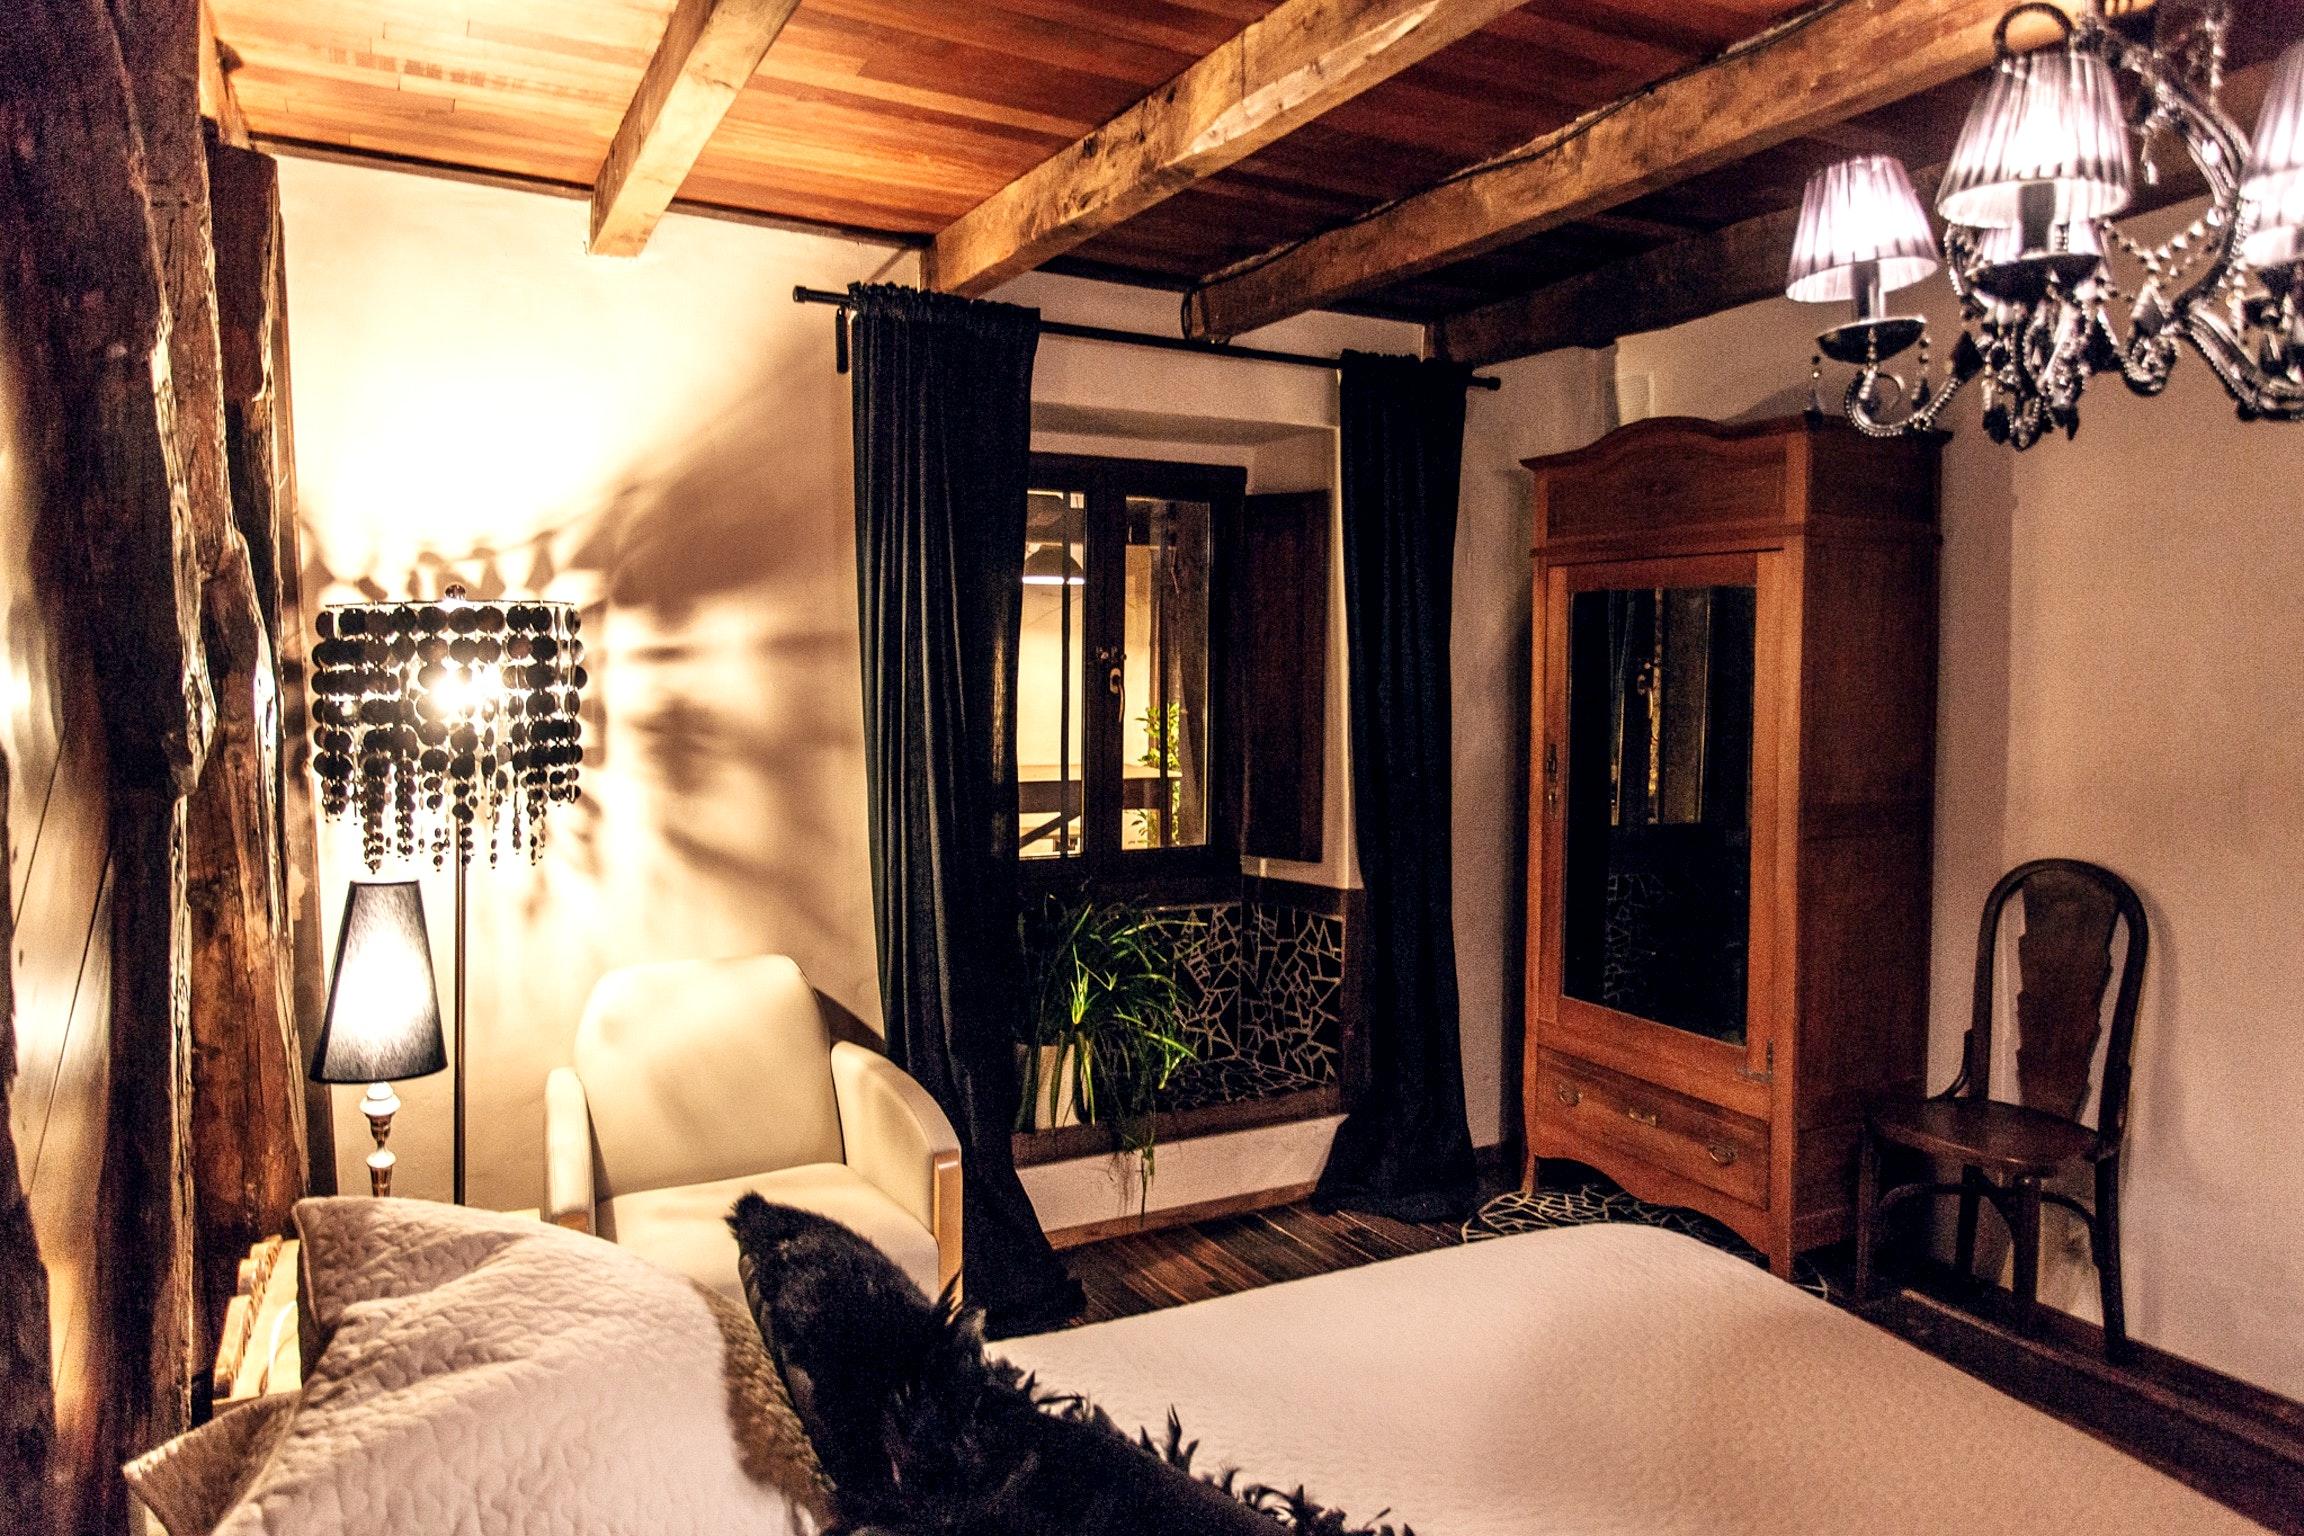 Ferienhaus Haus mit 5 Zimmern in Fuenteodra mit toller Aussicht auf die Berge, eingezäuntem Garten un (2211142), Fuenteodra, Burgos, Kastilien-León, Spanien, Bild 26